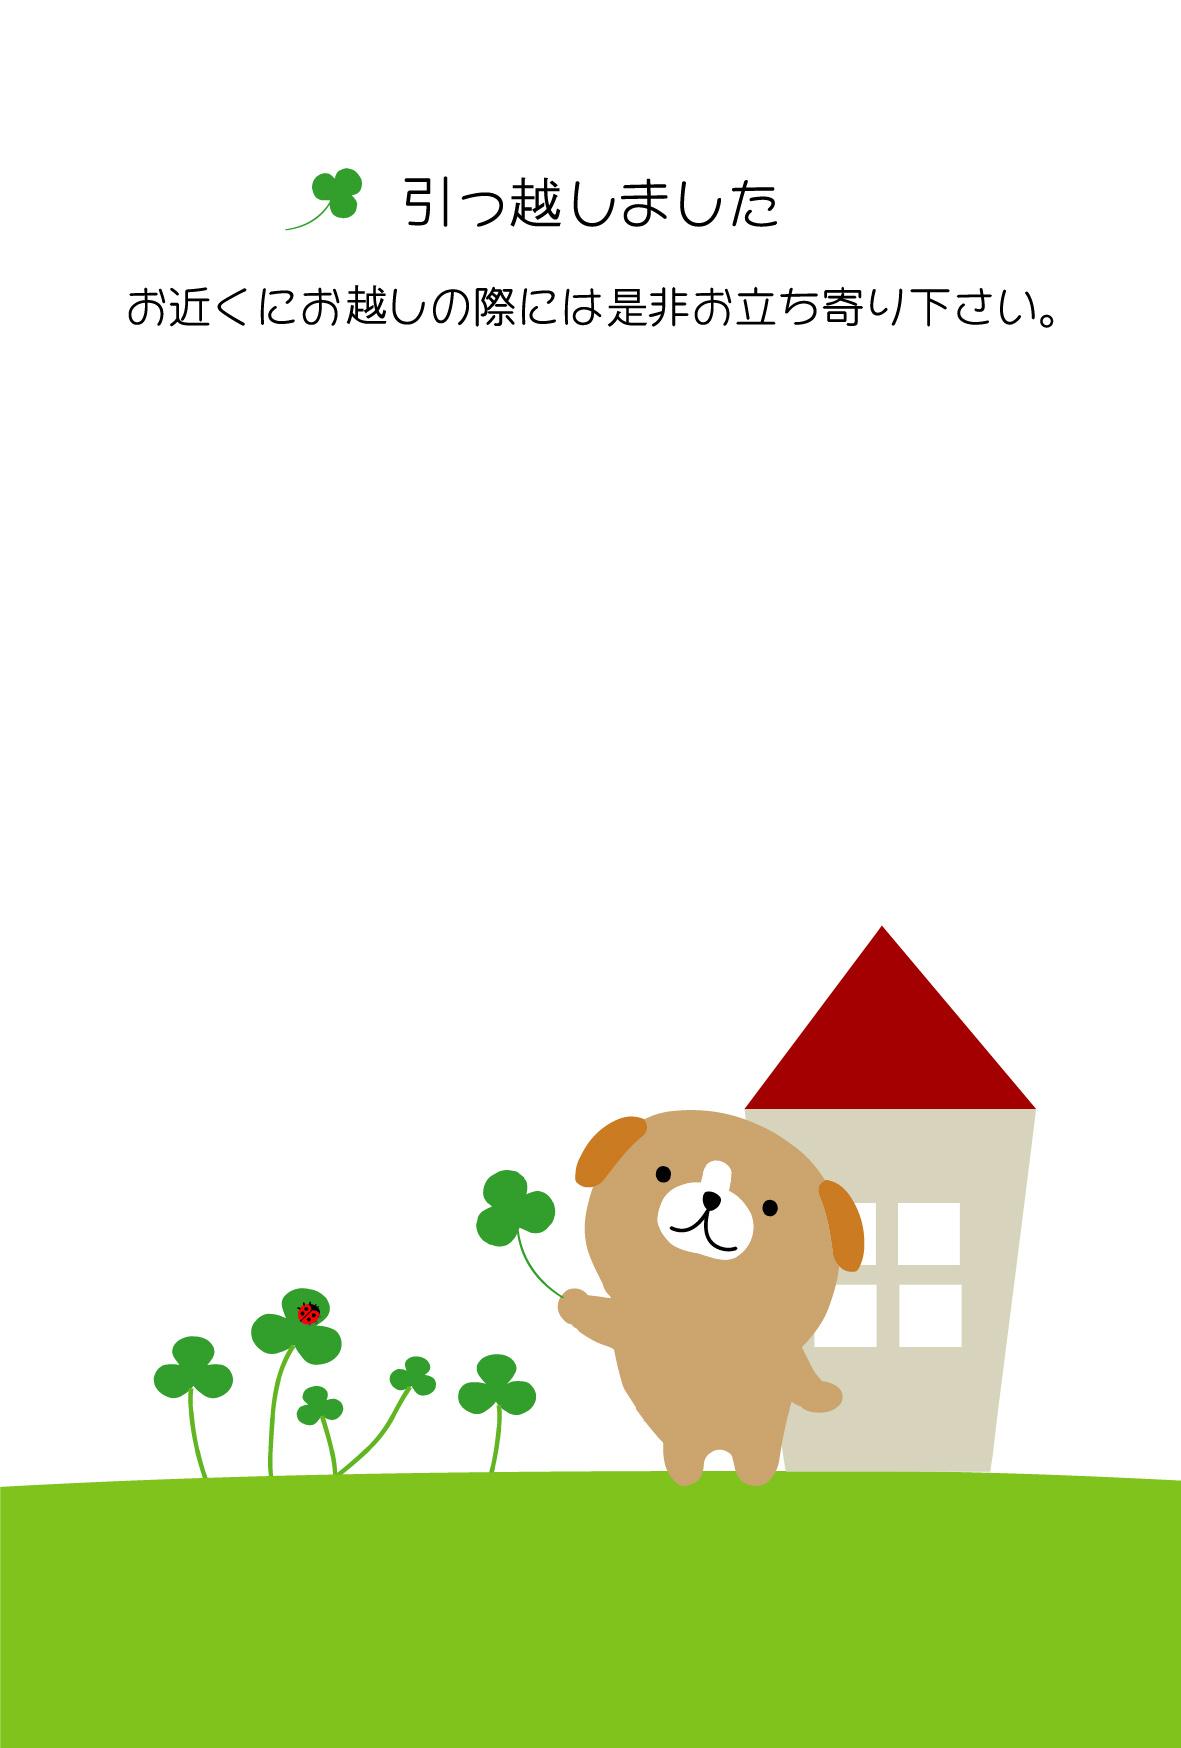 無料の引越しはがき・転居報告 ... : 誕生日 メッセージカード 無料 : カード